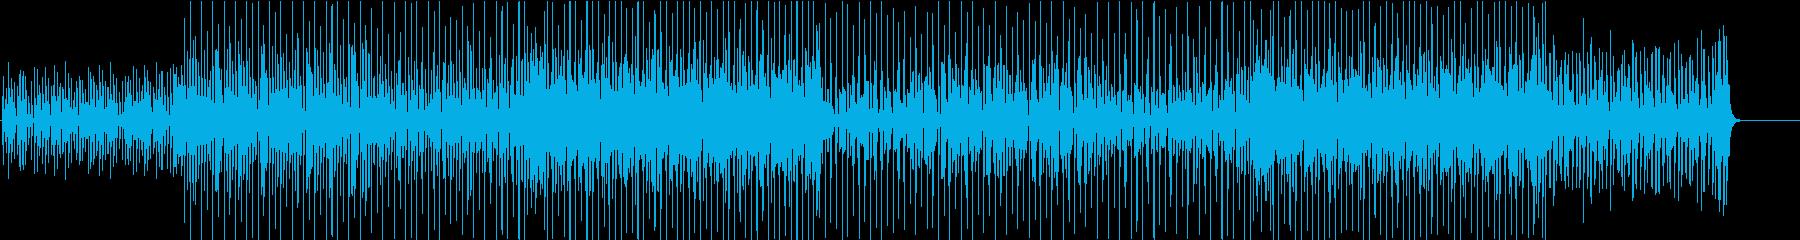 明るく陽気なオルガンBGMの再生済みの波形